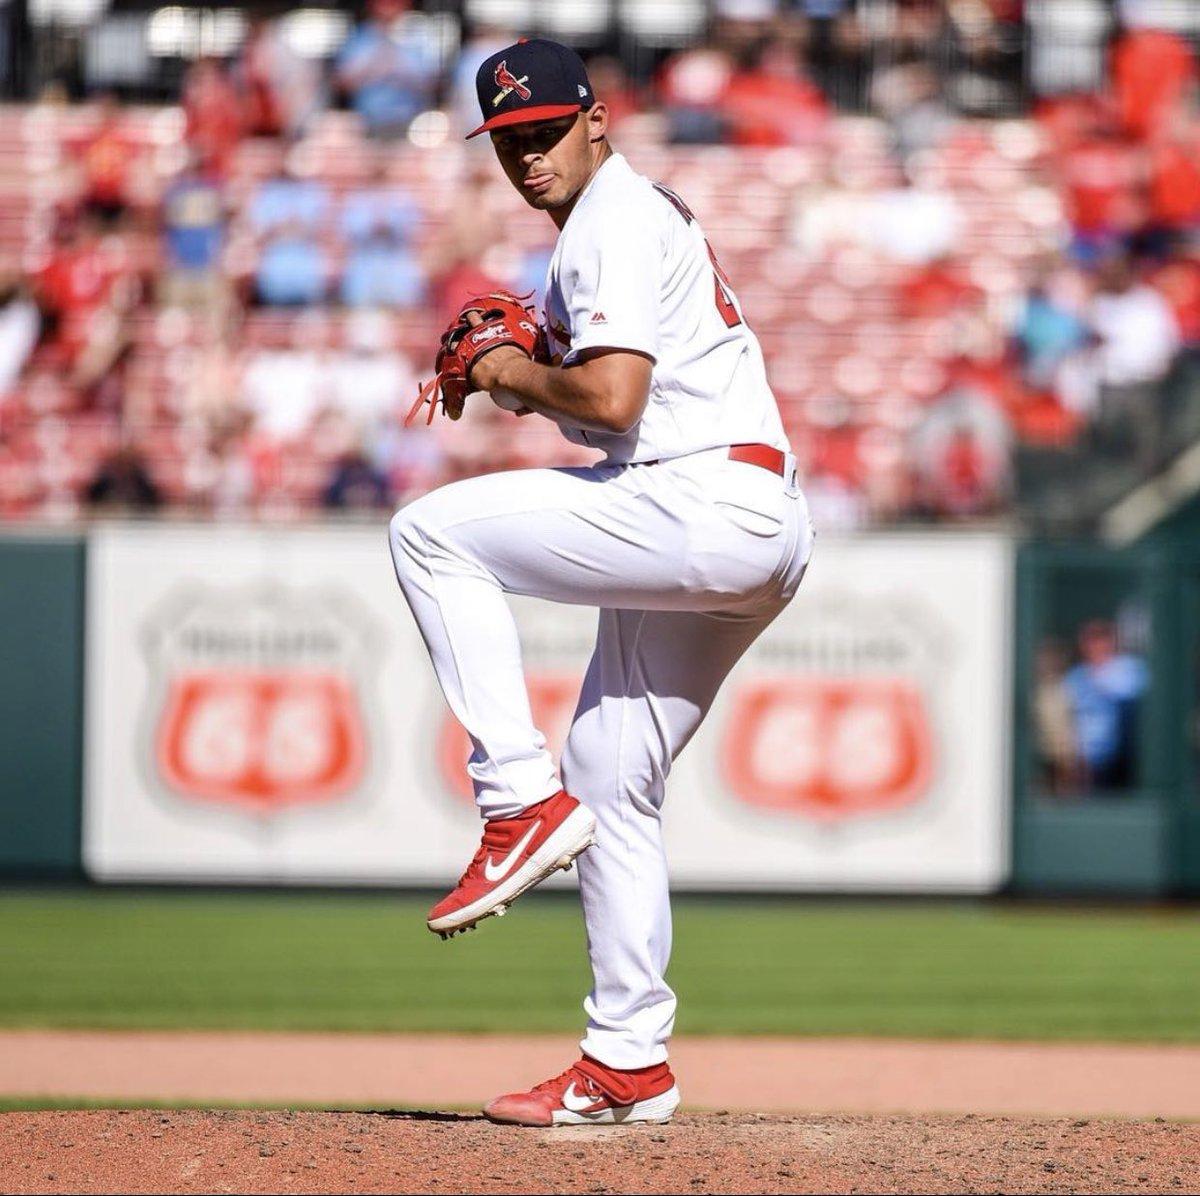 Lanzador de los @Cardinals @Jhicks007, anuncia que no jugará esta temporada. #MLB #Cardinals #Cardenales https://t.co/Xkb4h1zaST